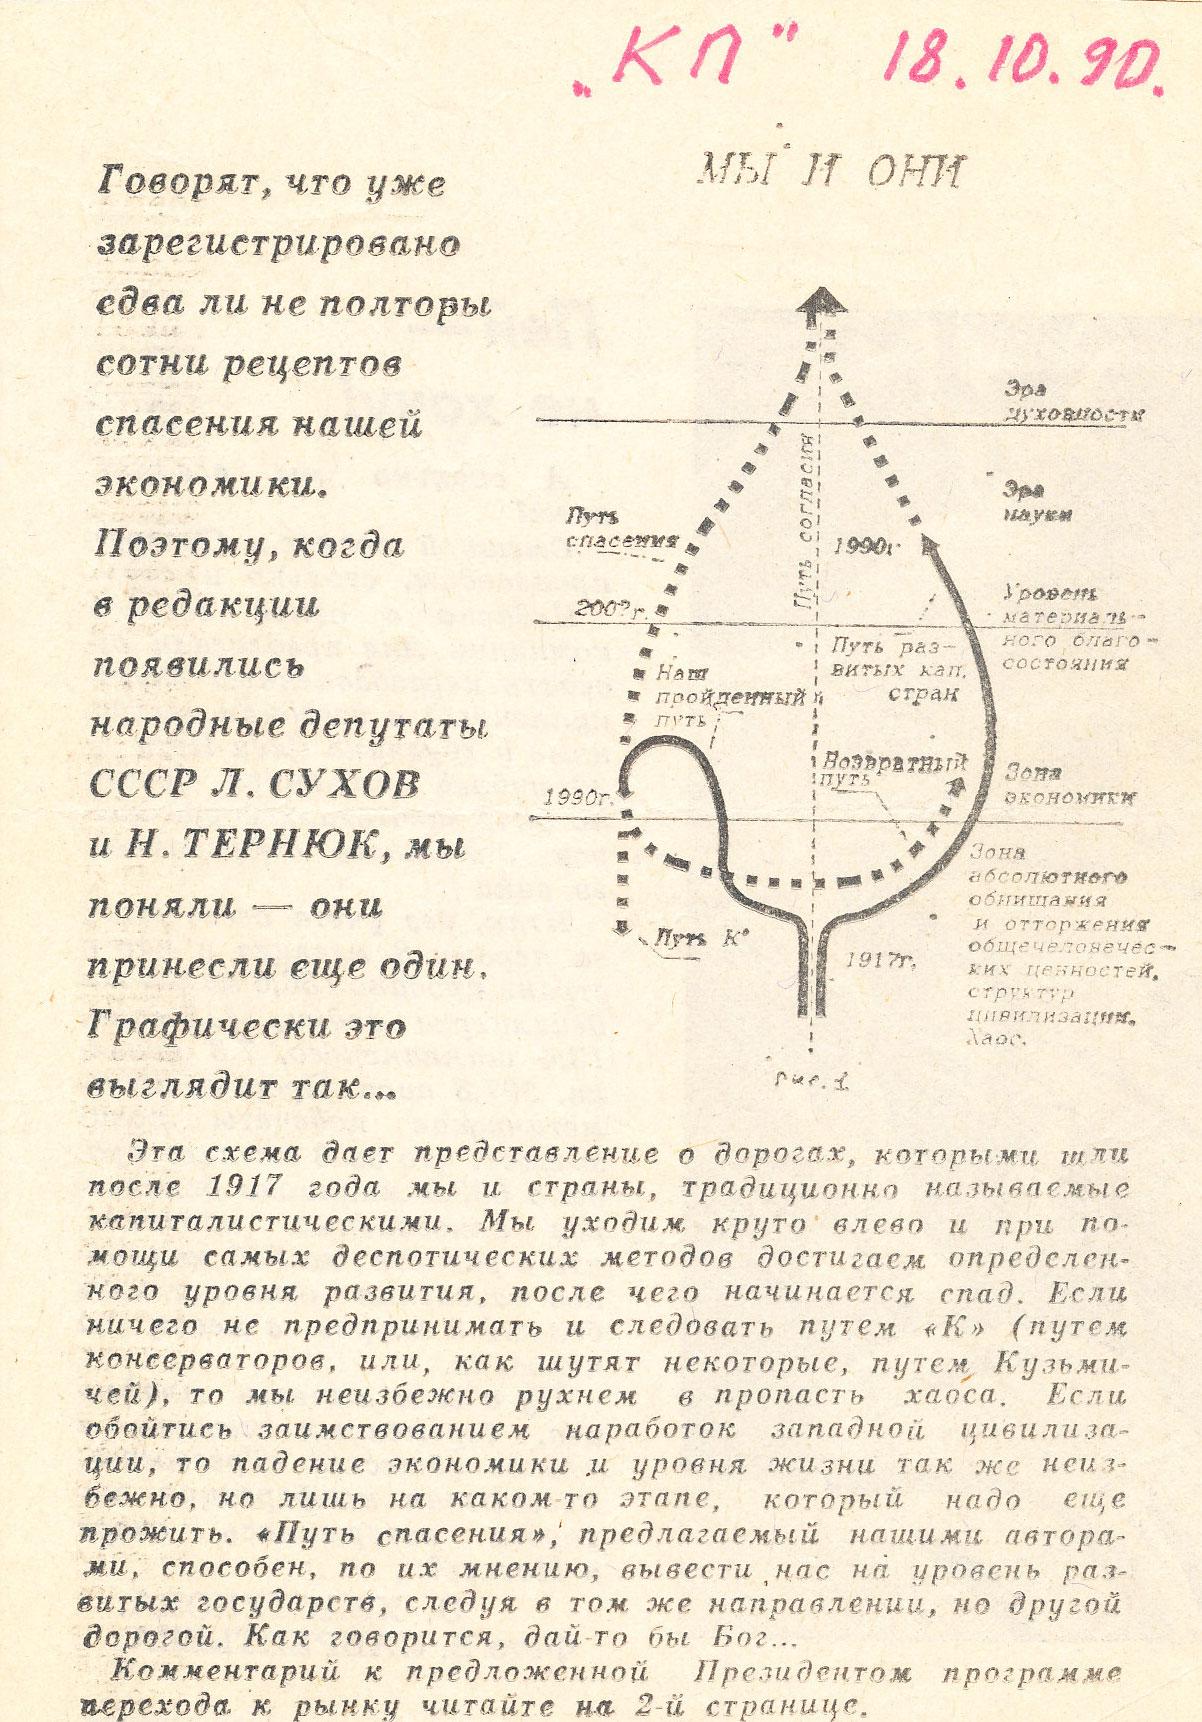 Политический «коровий оверштаг» в «Комсомольской правде» от 18 октября 1990 года